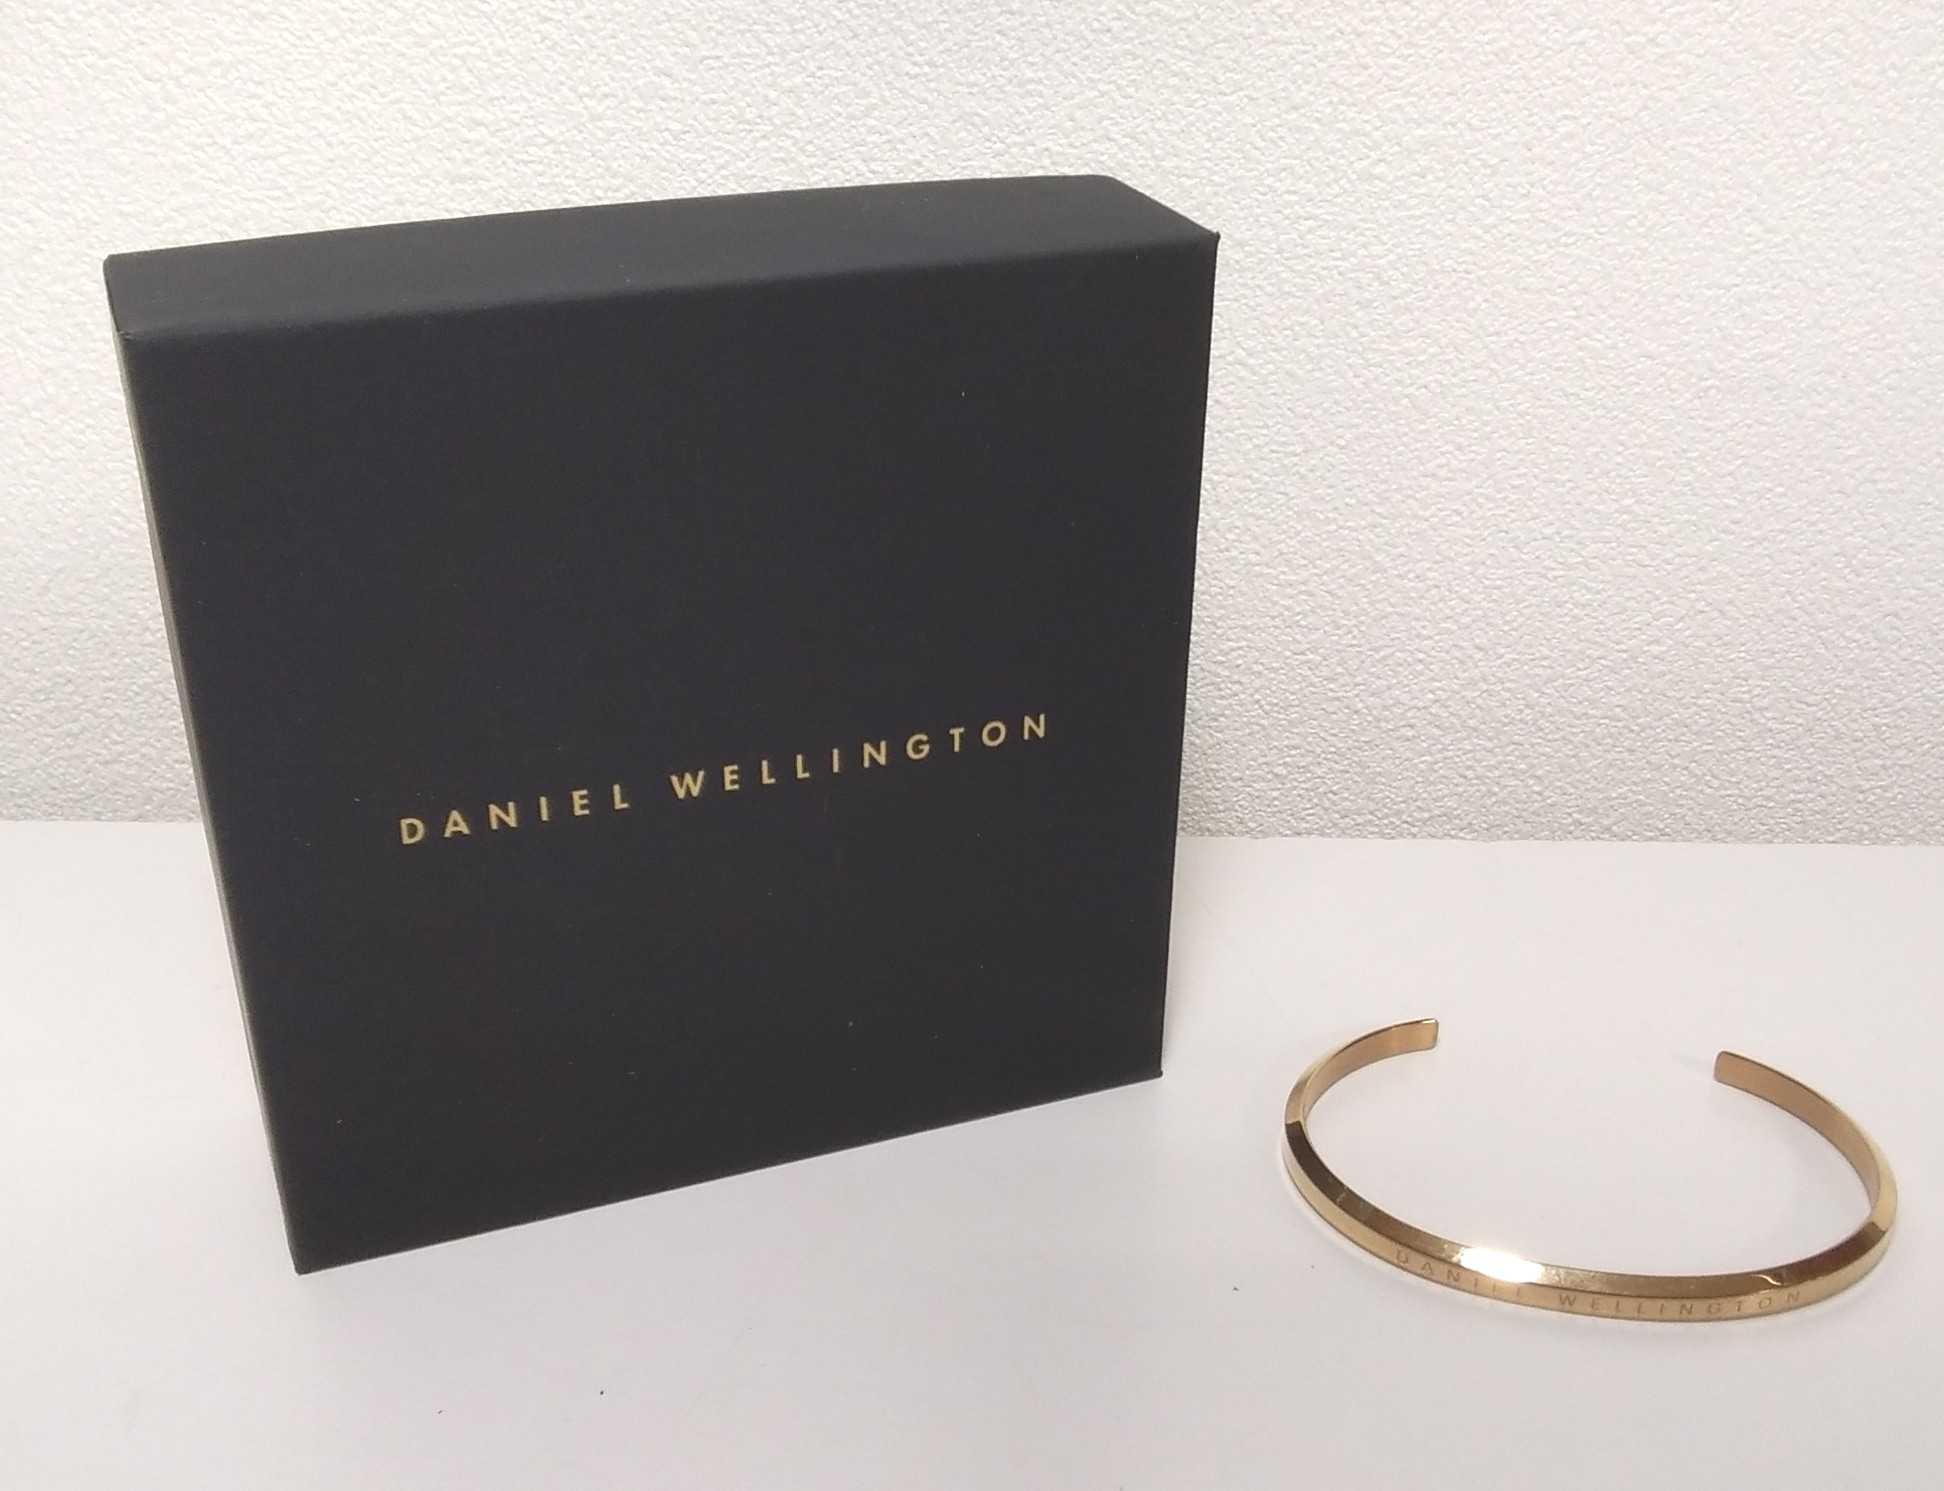 バングル|DANIEL WELLINGTON